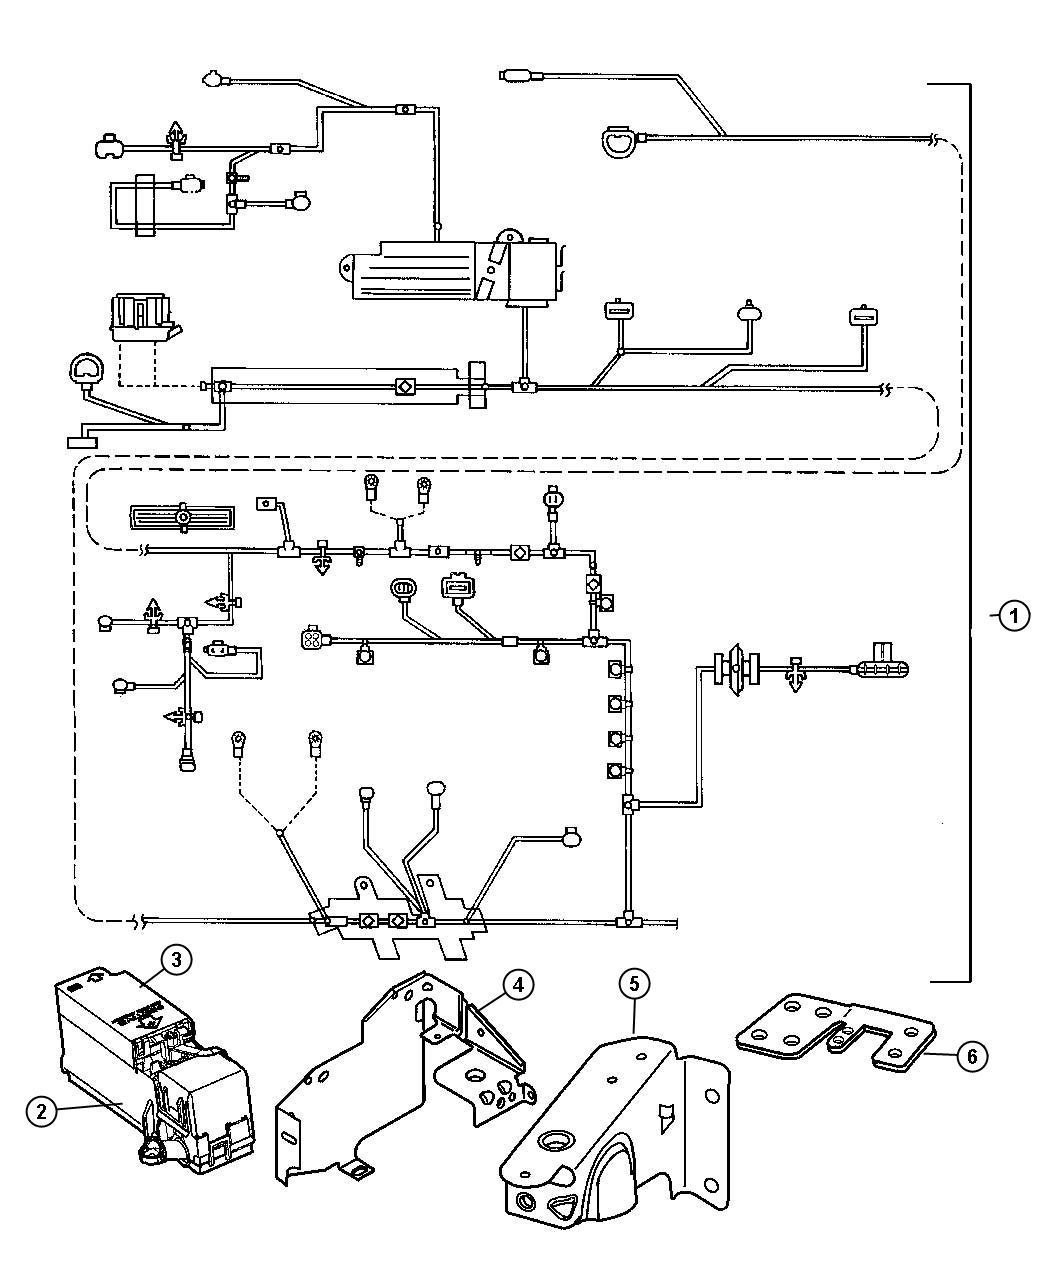 2000 chrysler cirrus wiring